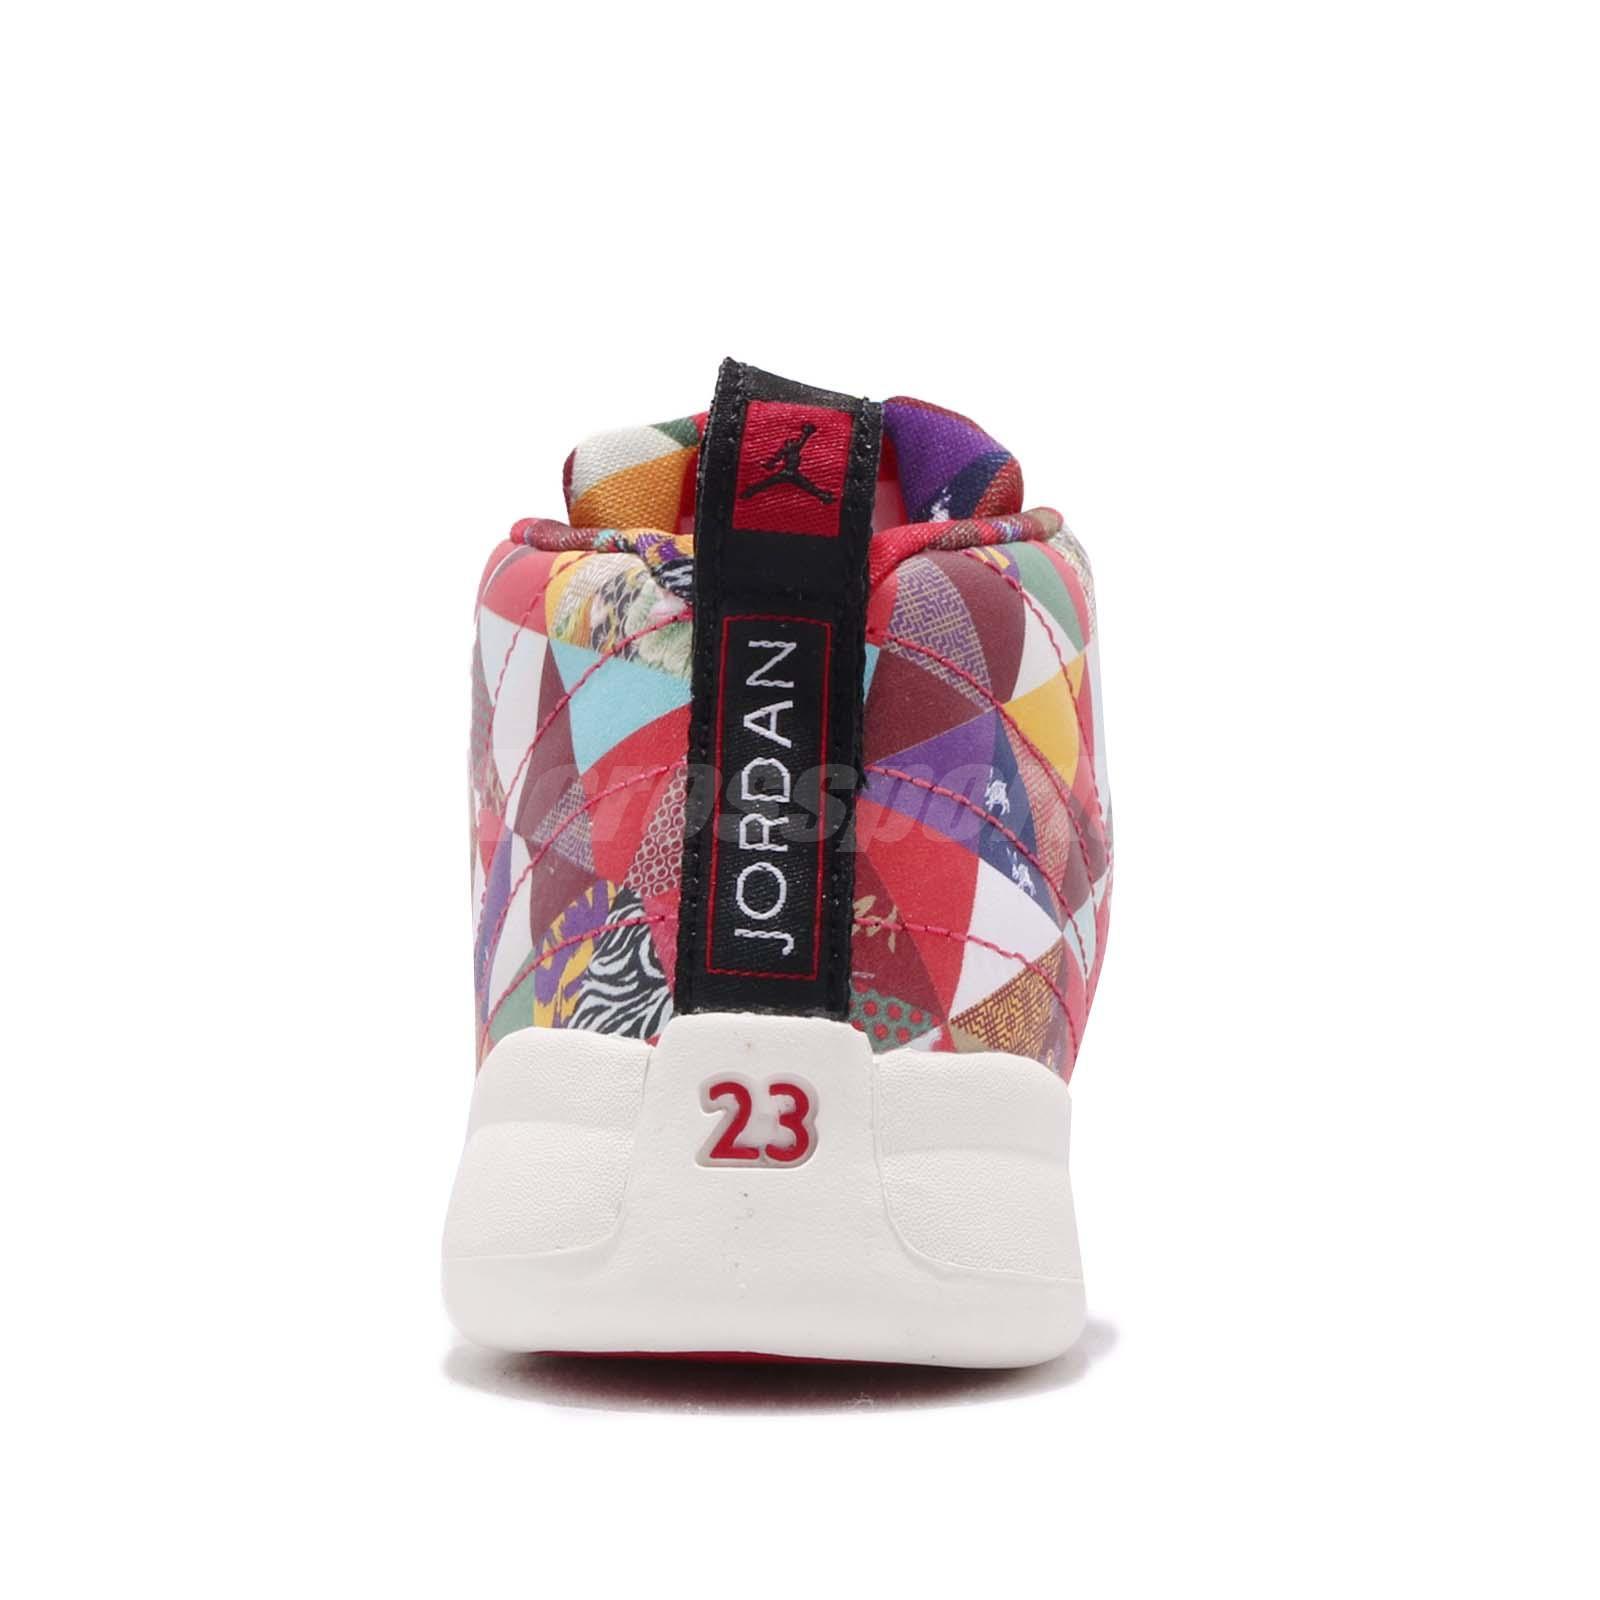 c230656c5f4 Nike Jordan 12 Retro CNY TD XII Chinese New Year 2019 Toddler Infant ...